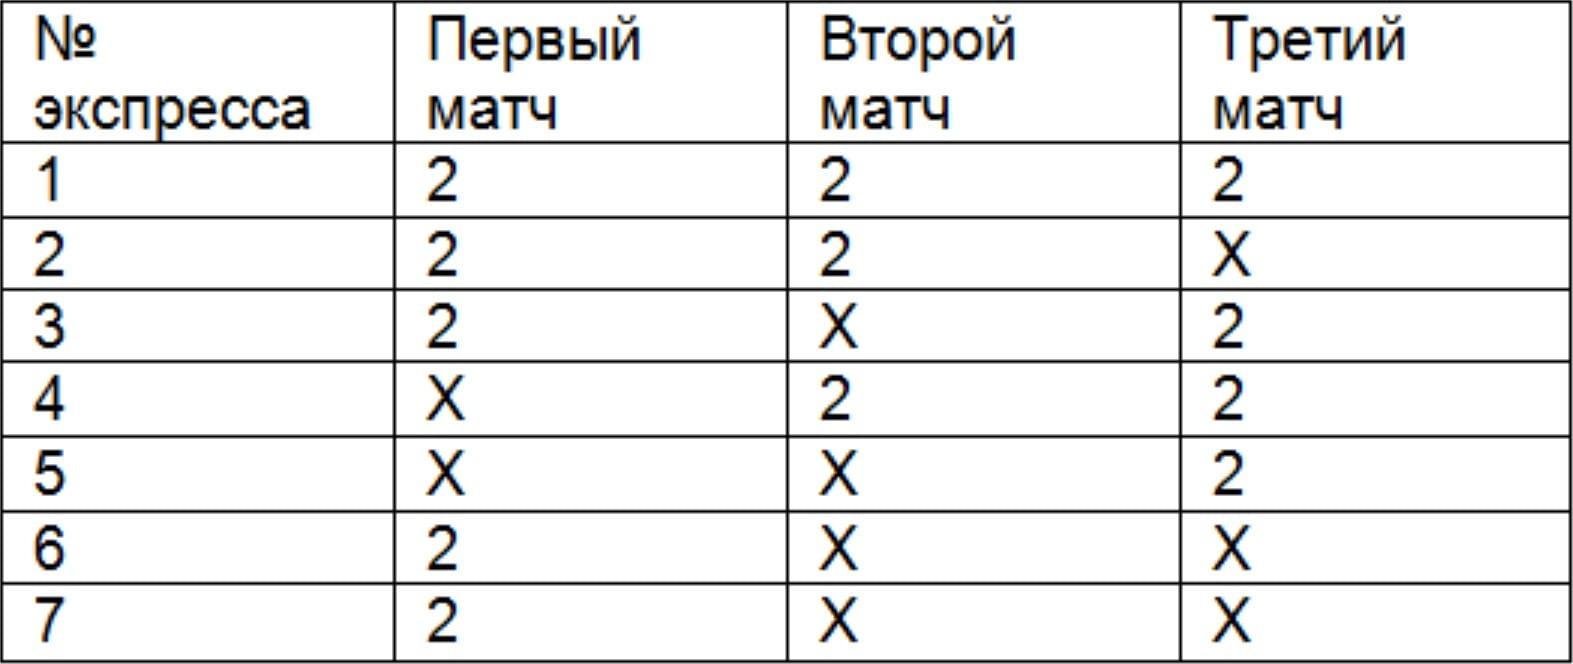 семь экспрессов